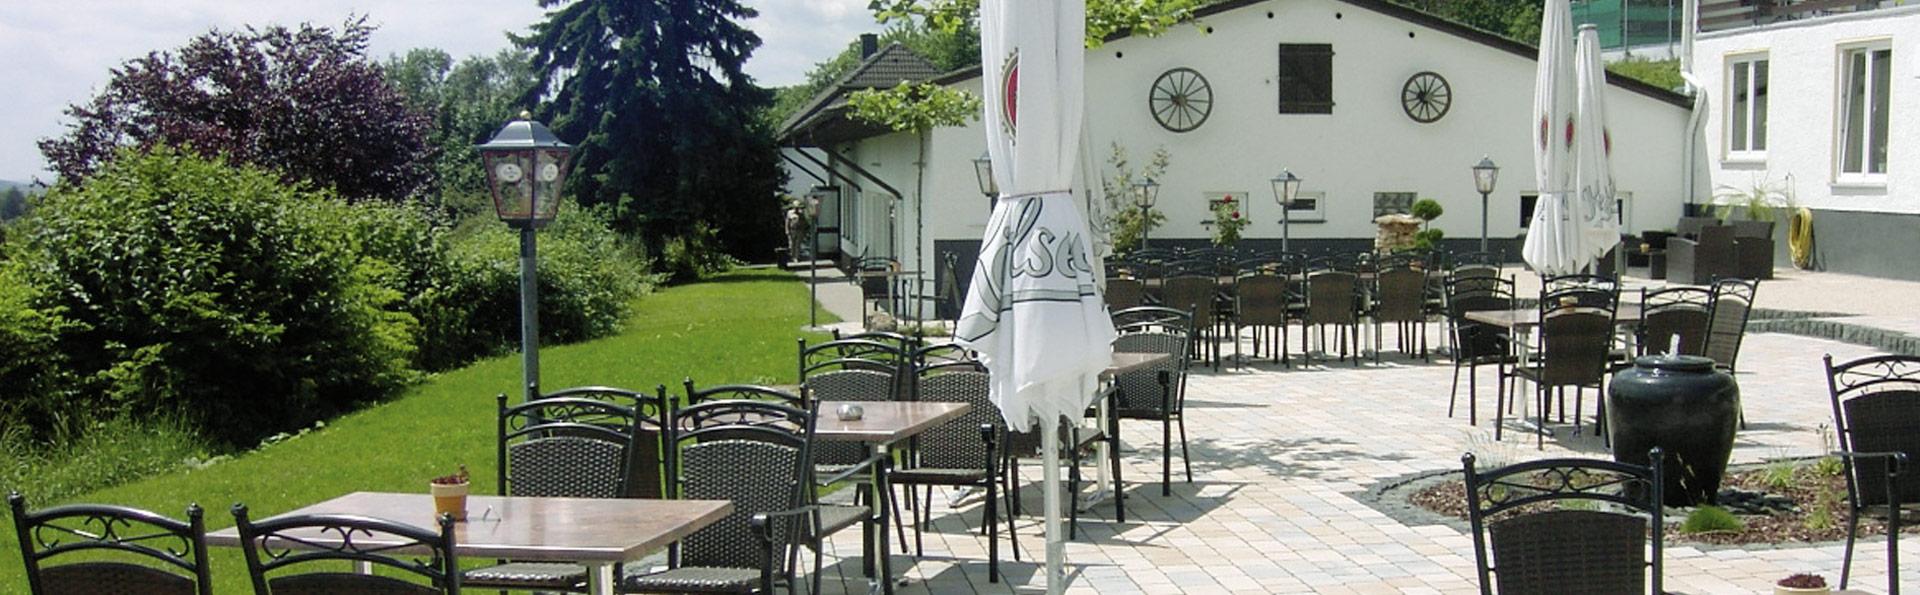 Hotel Haus Sonnenberg 3 Sterne superior Hotel in